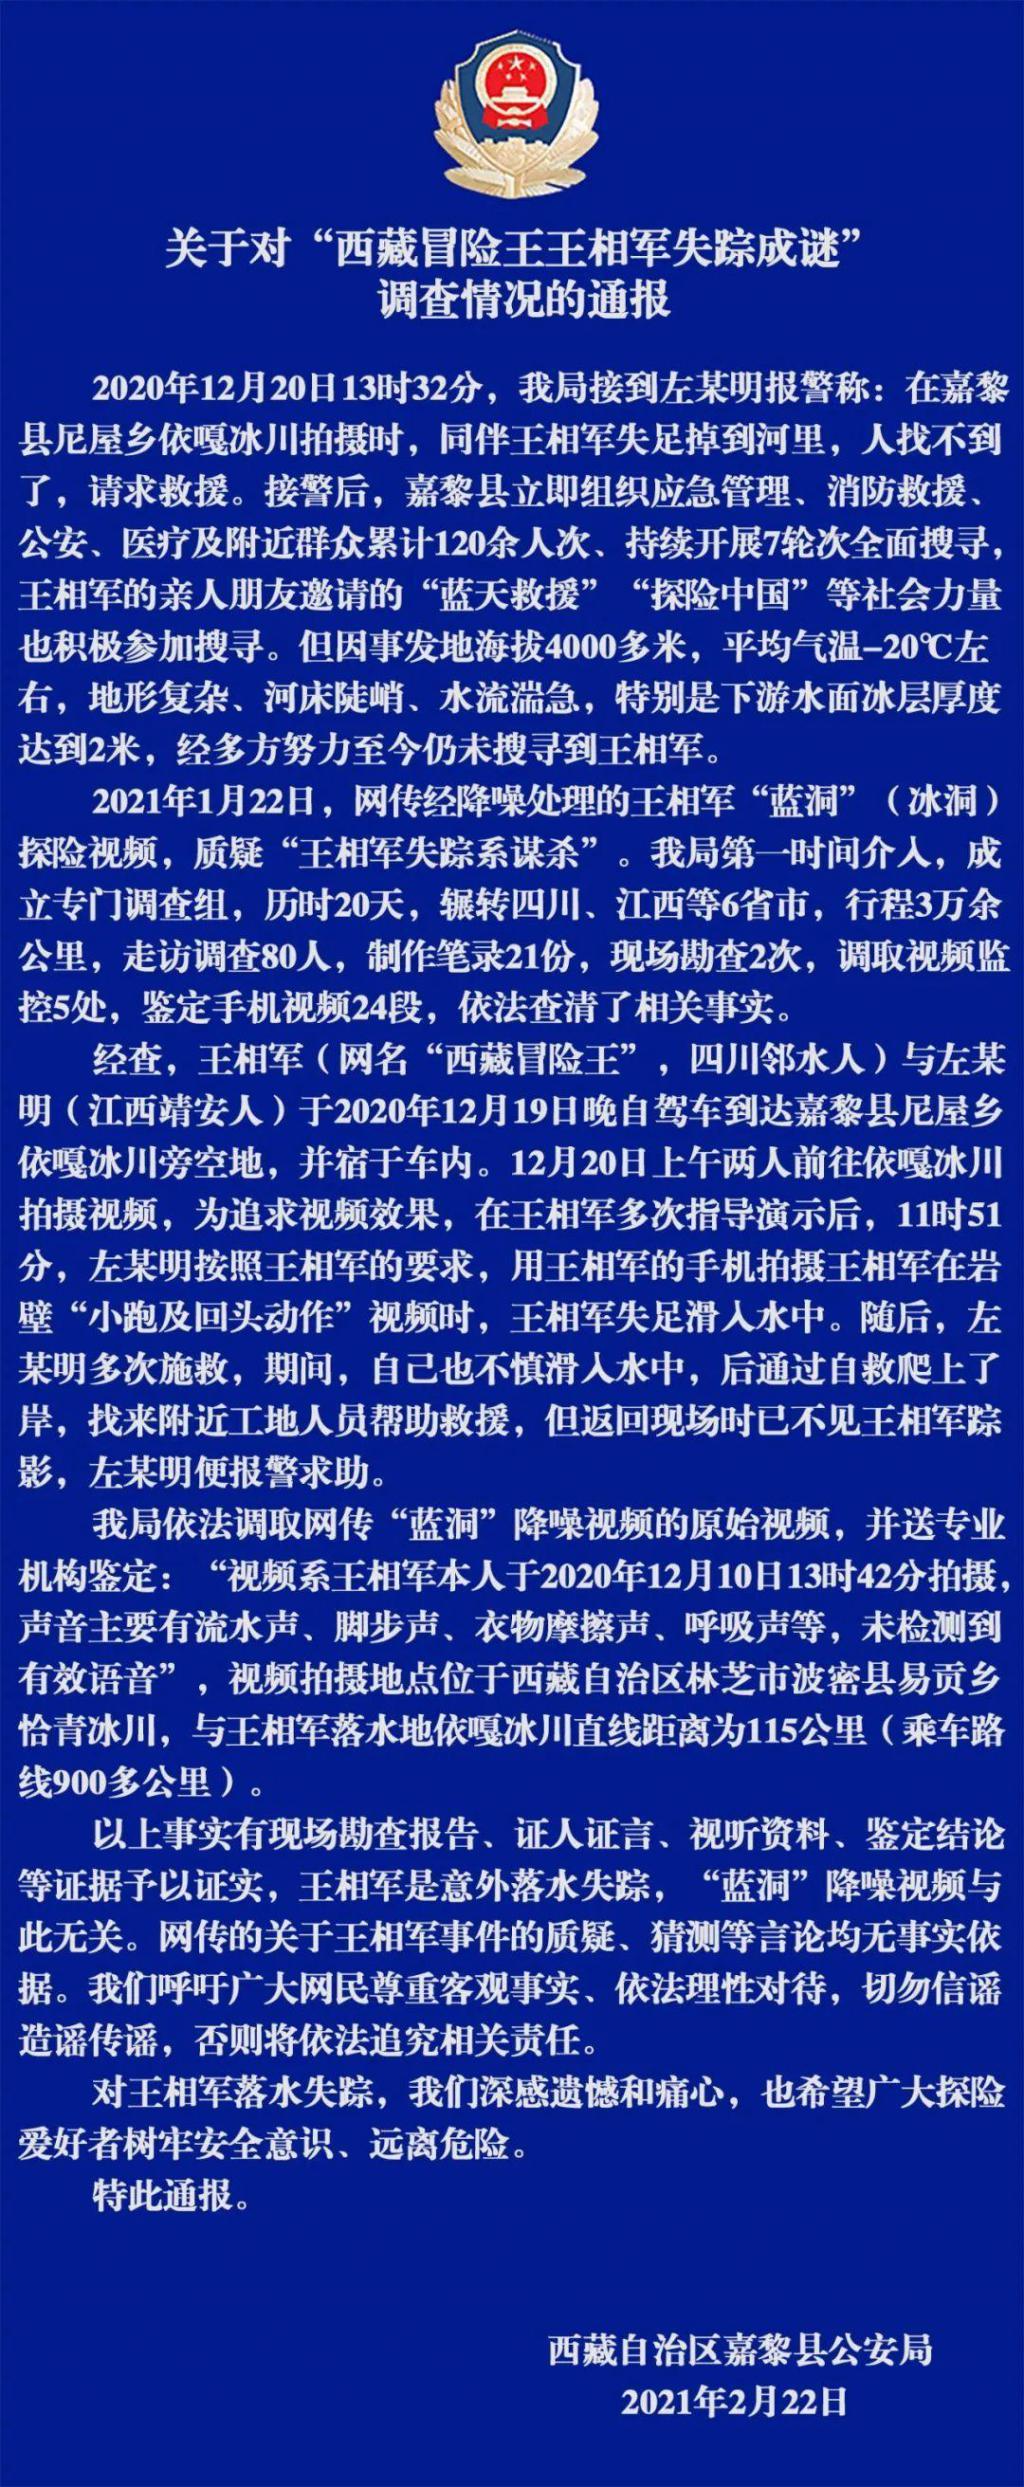 """官方发布""""西藏冒险王失踪成谜""""调查通报 结论是…"""